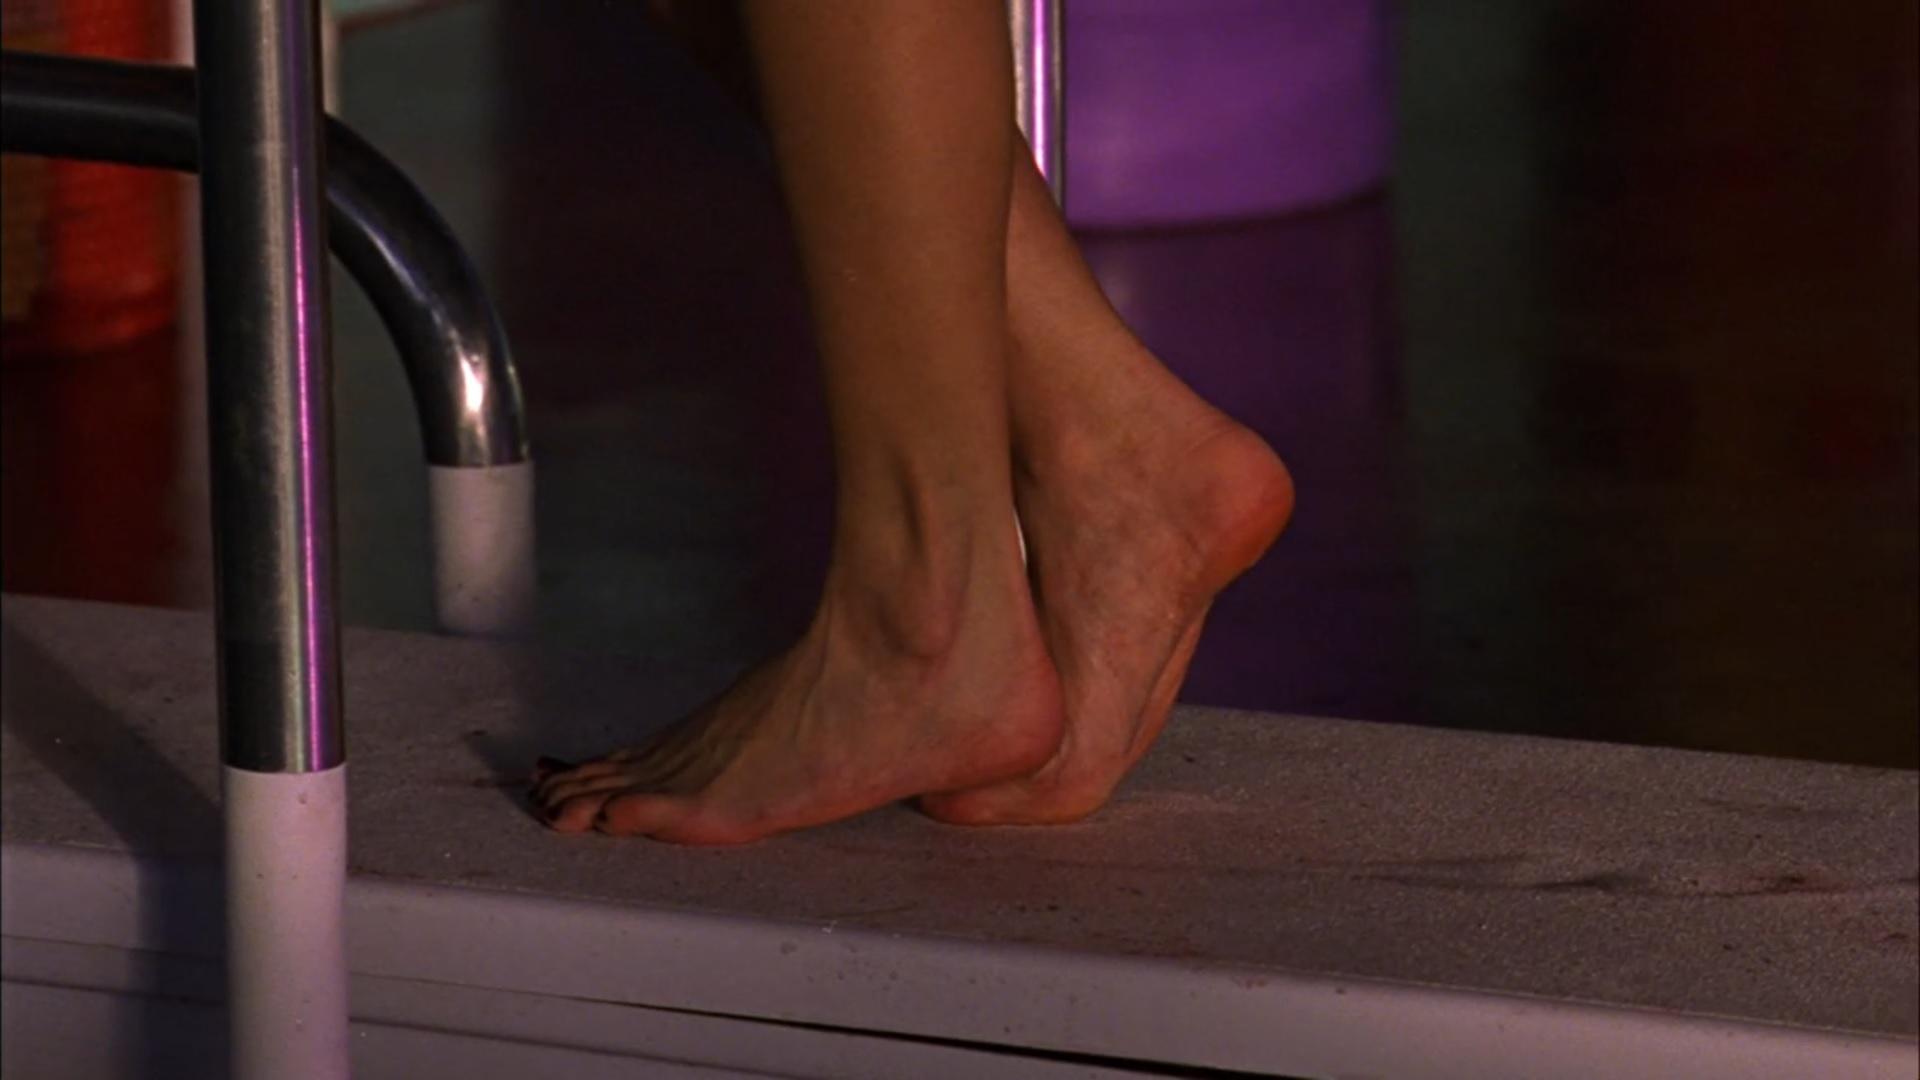 Feet kristin kreuk Kristin Kreuk